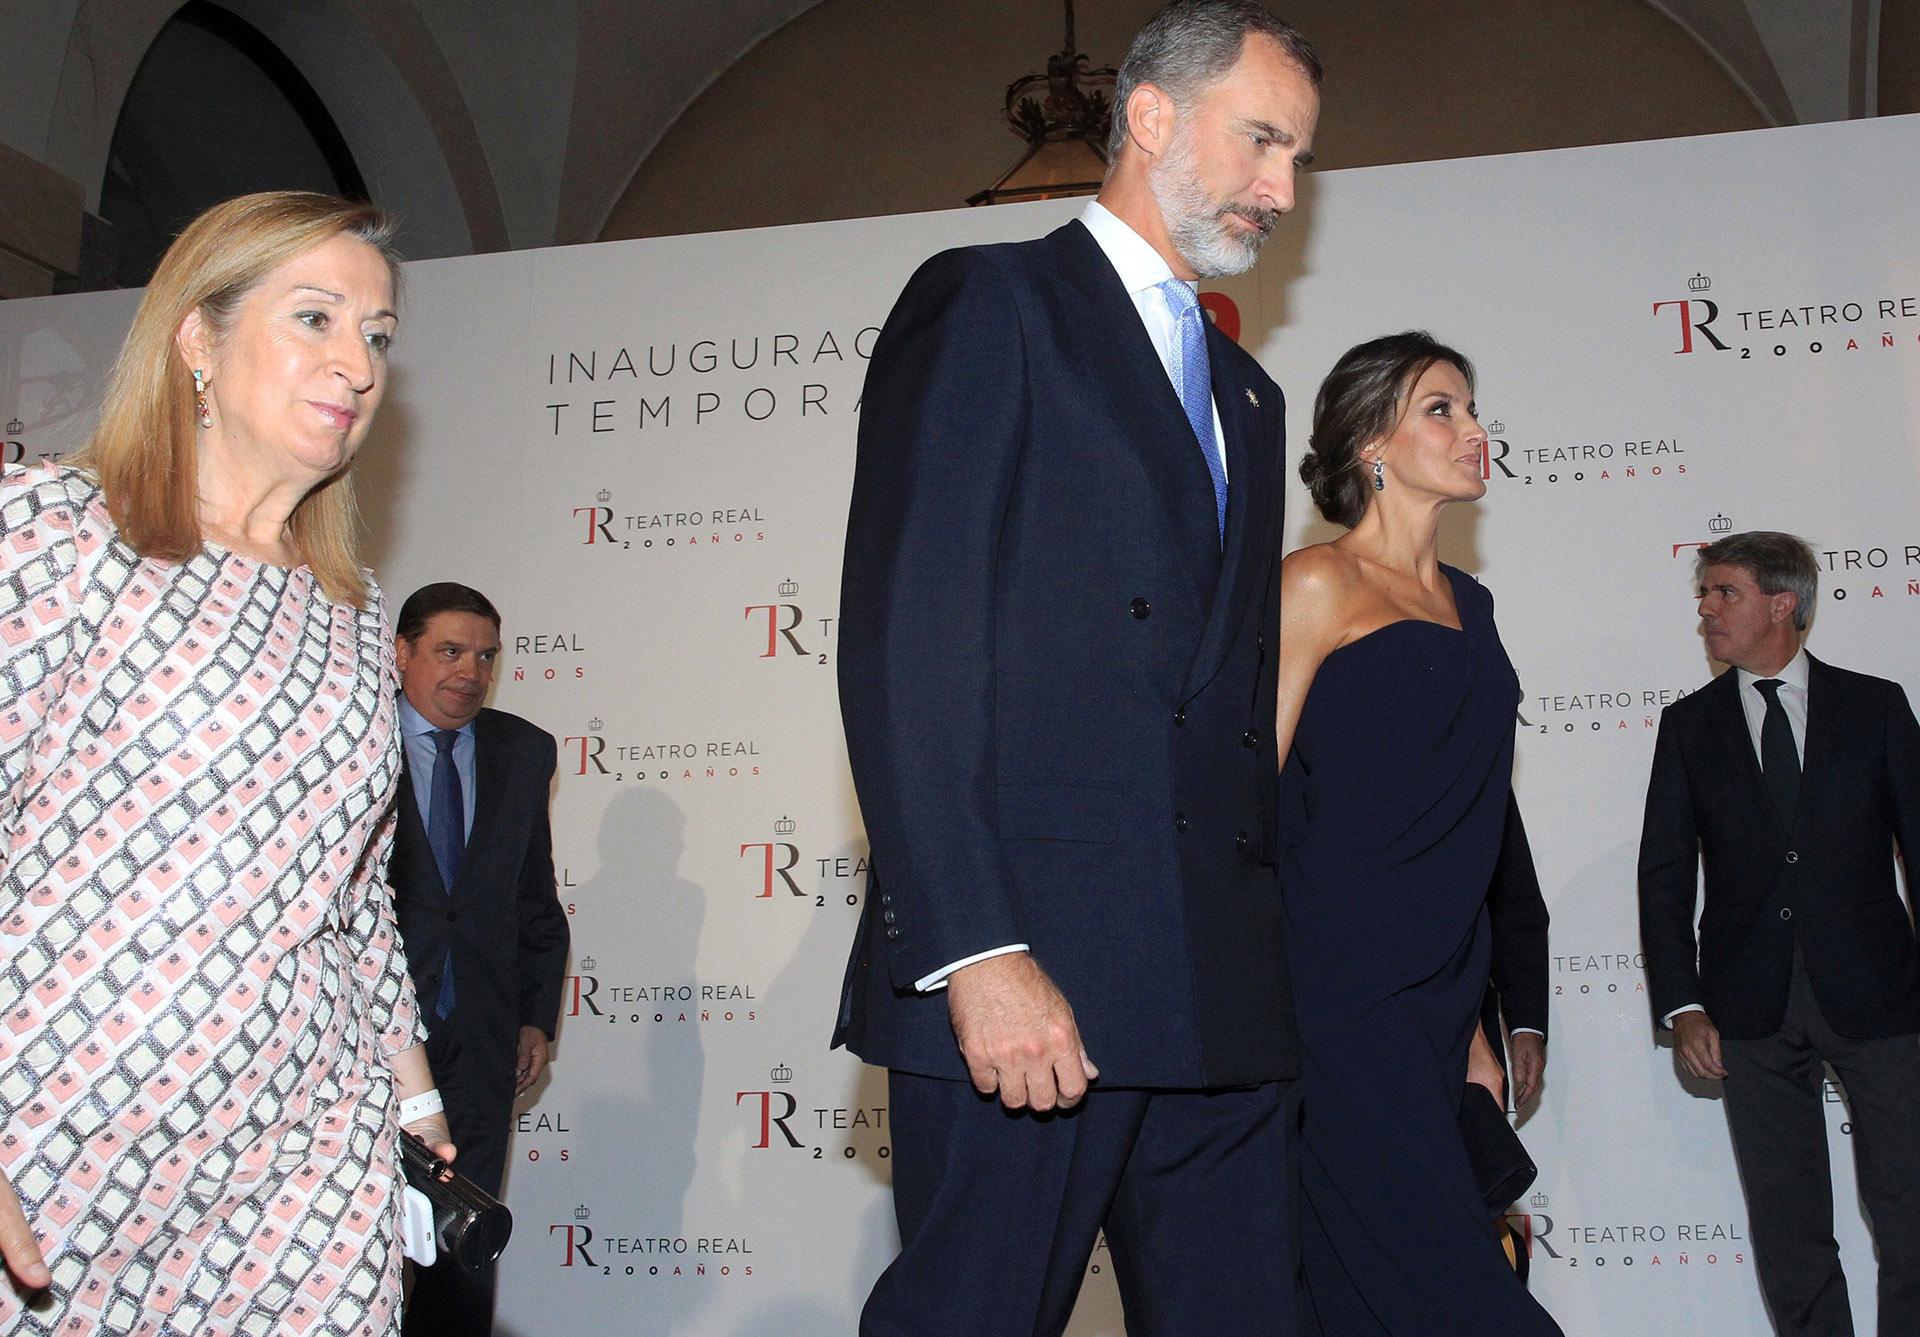 Los reyes caminan junto a la presidente del Congreso de los Diputados, Ana Pastor